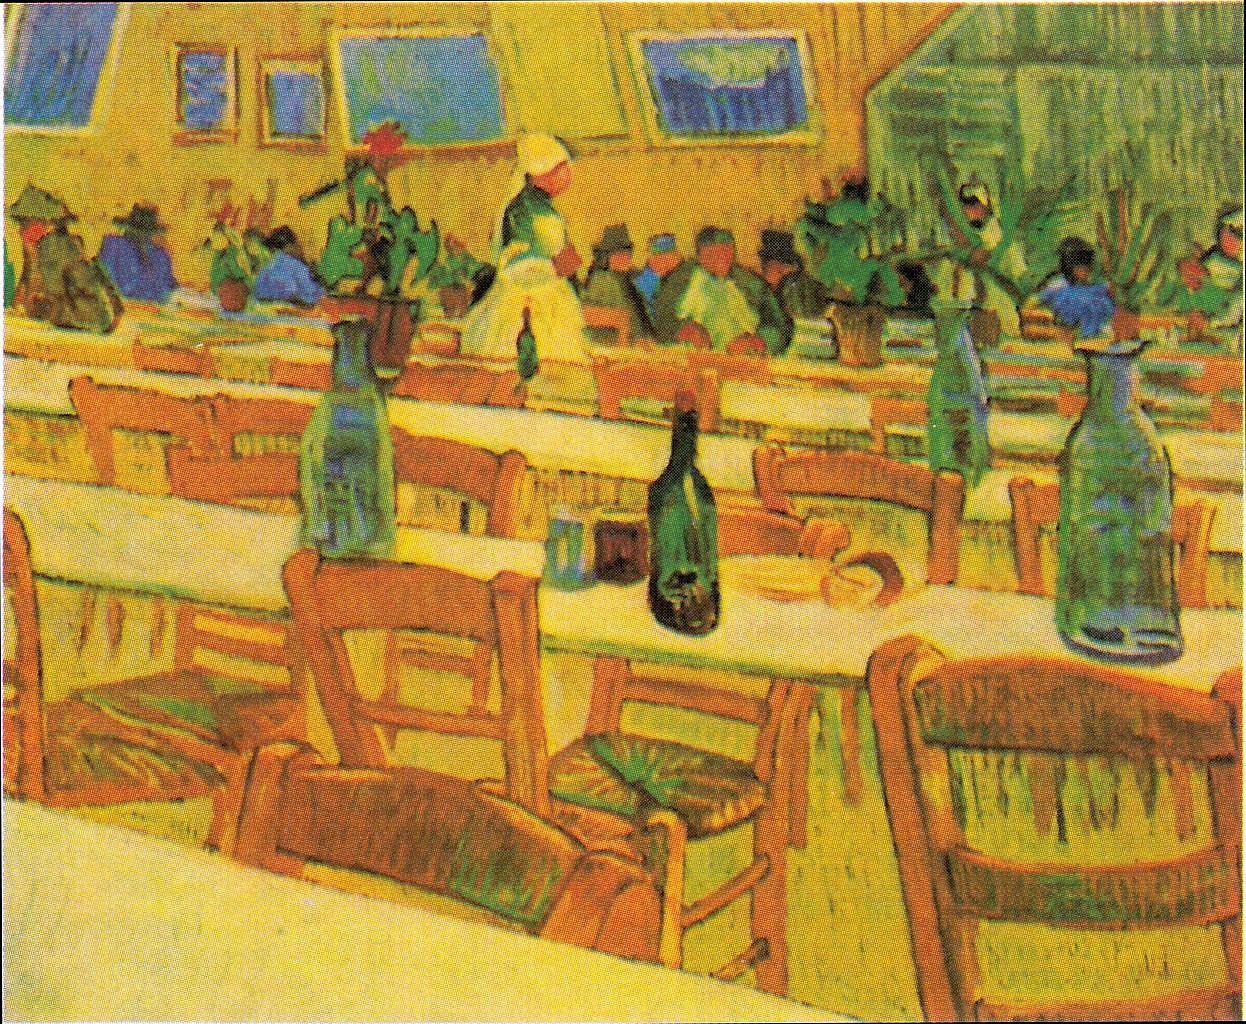 场景人物油画_阿尔勒的卡雷尔餐馆_The Restaurant Carrel in Arles-文森特·梵高